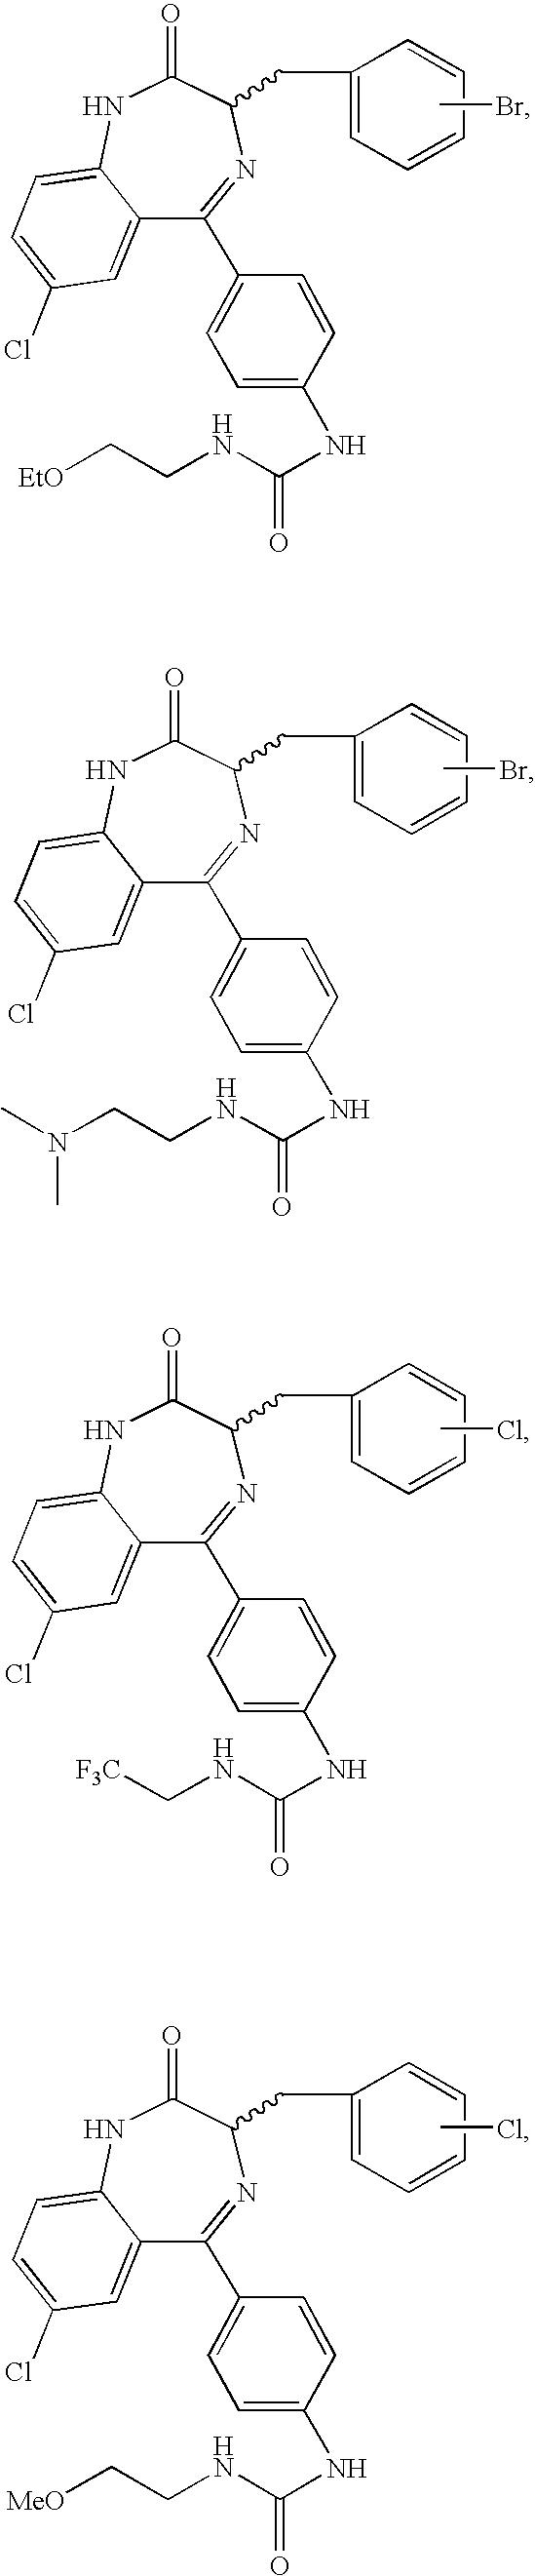 Figure US07851465-20101214-C00008